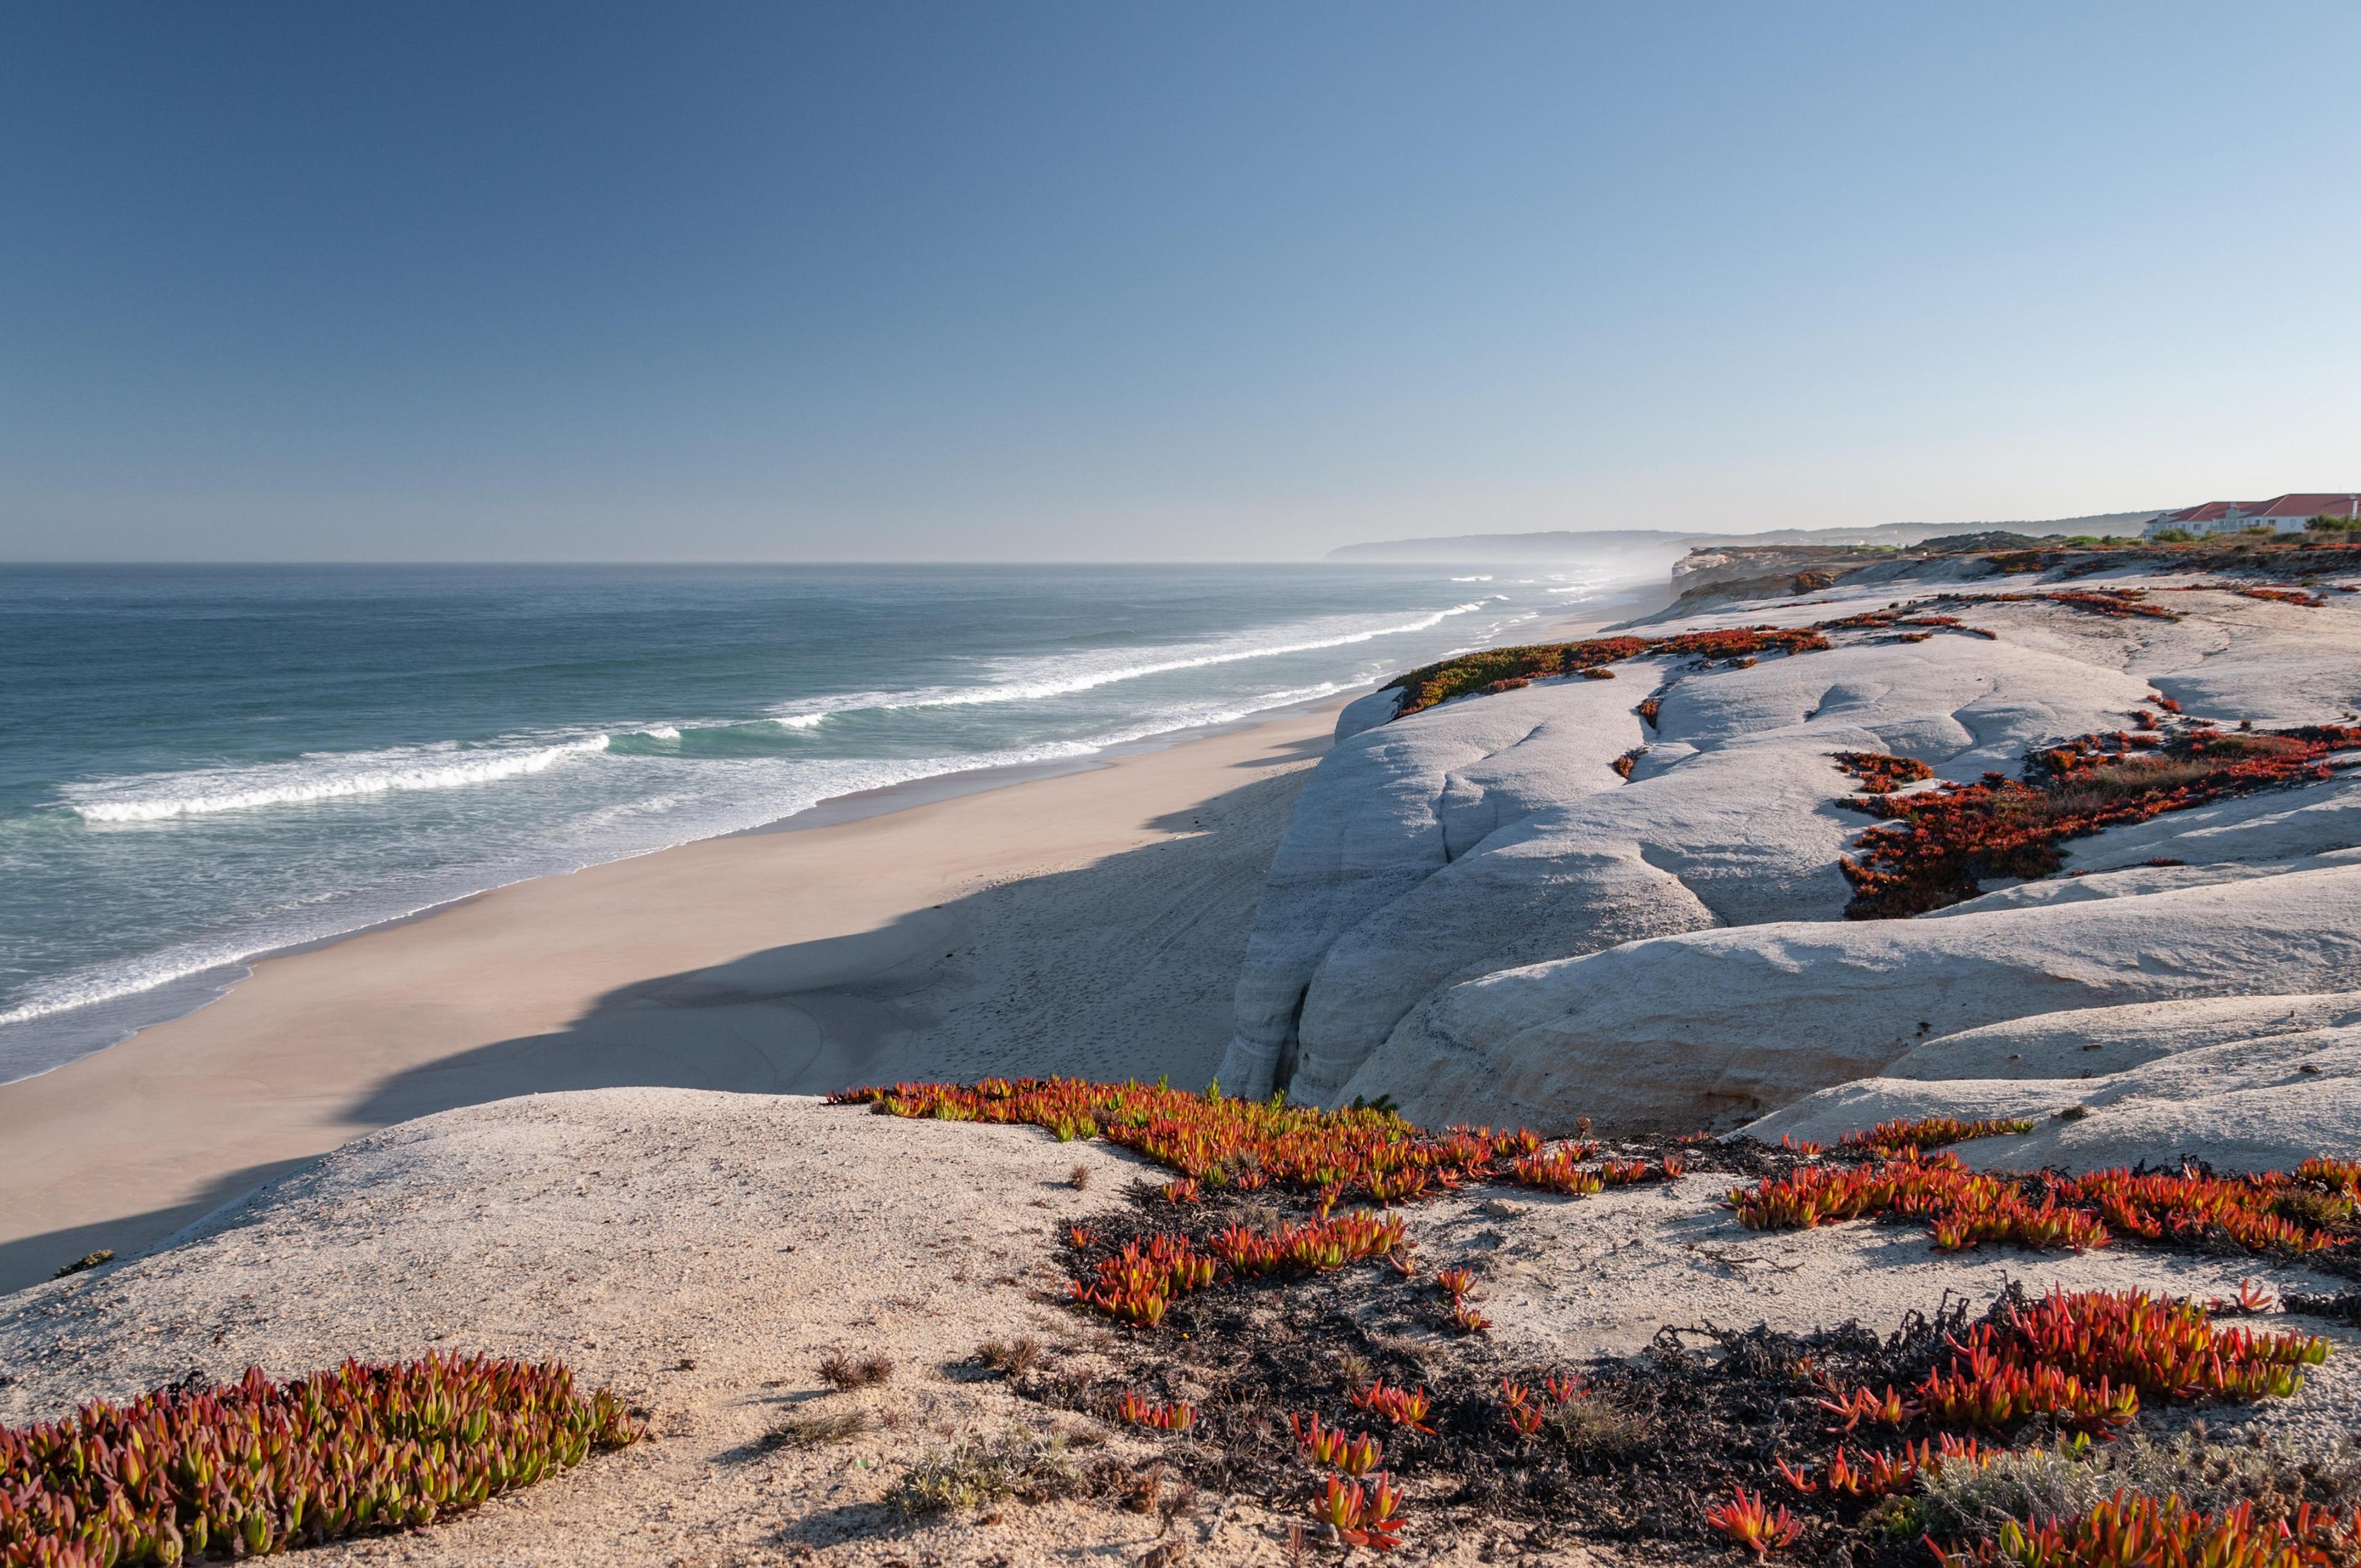 Praia del Rei, Obidos, Bezirk Leiria, Portugal